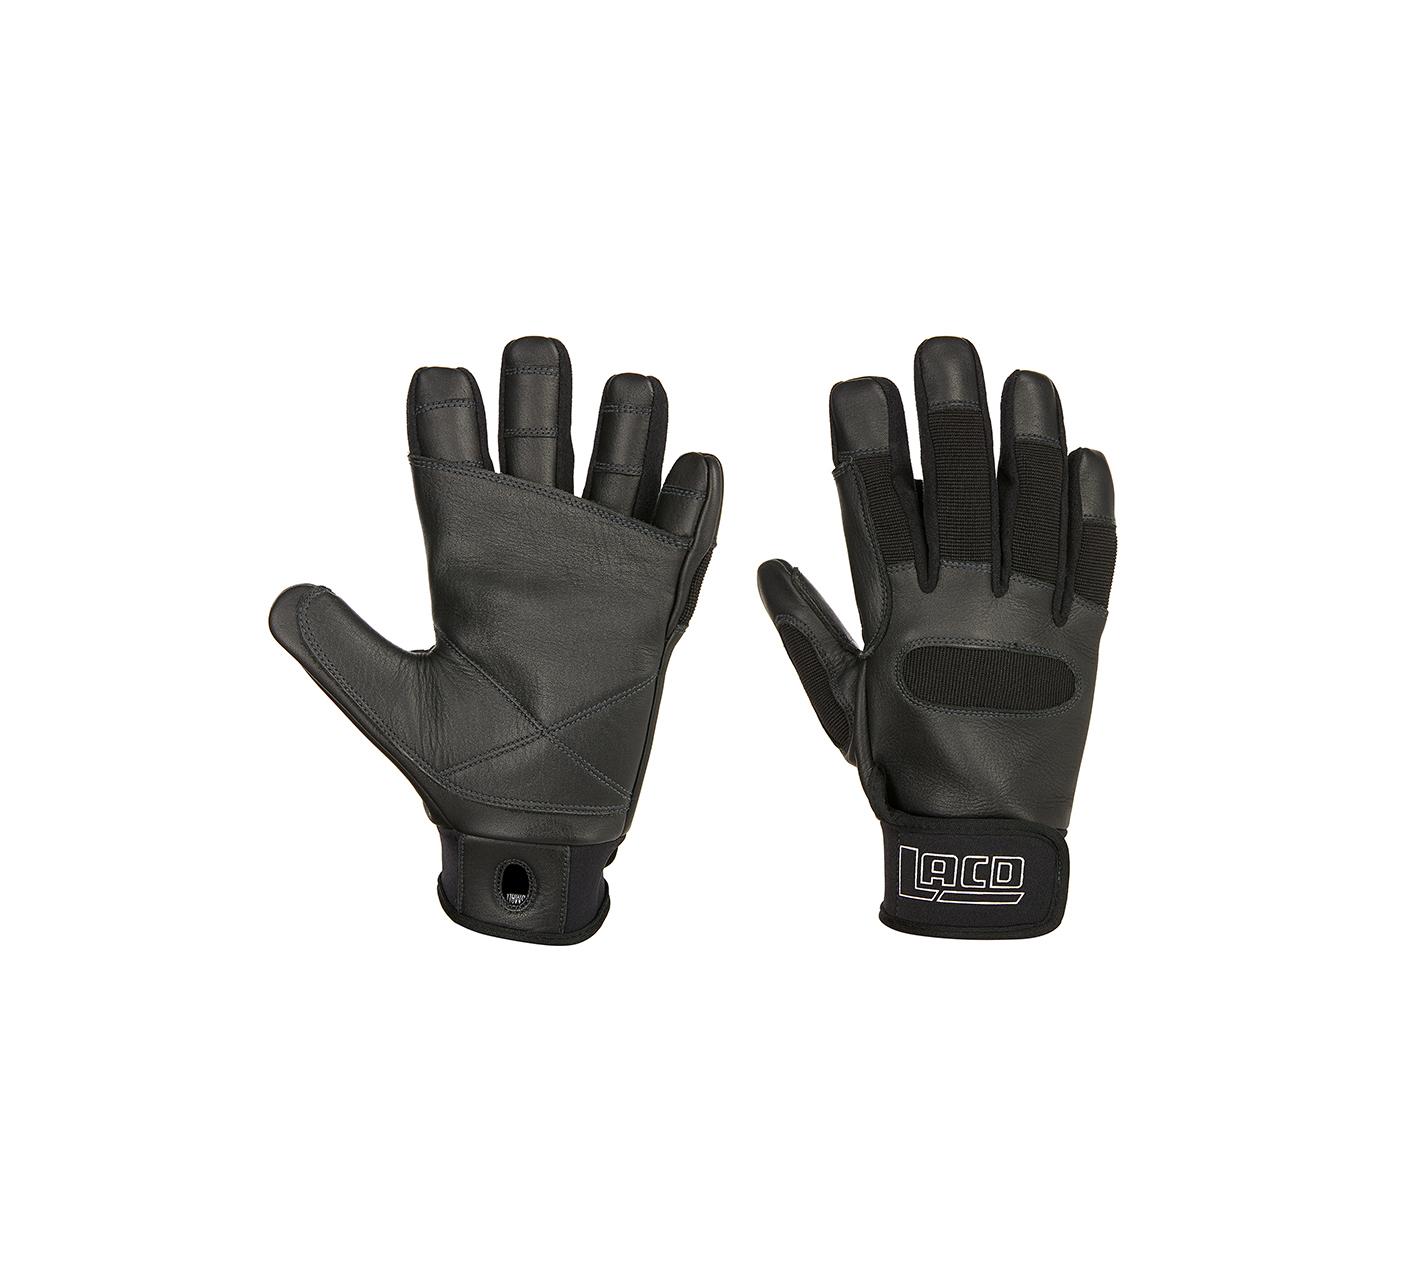 LACD Via Ferrata Gloves Heavy Duty